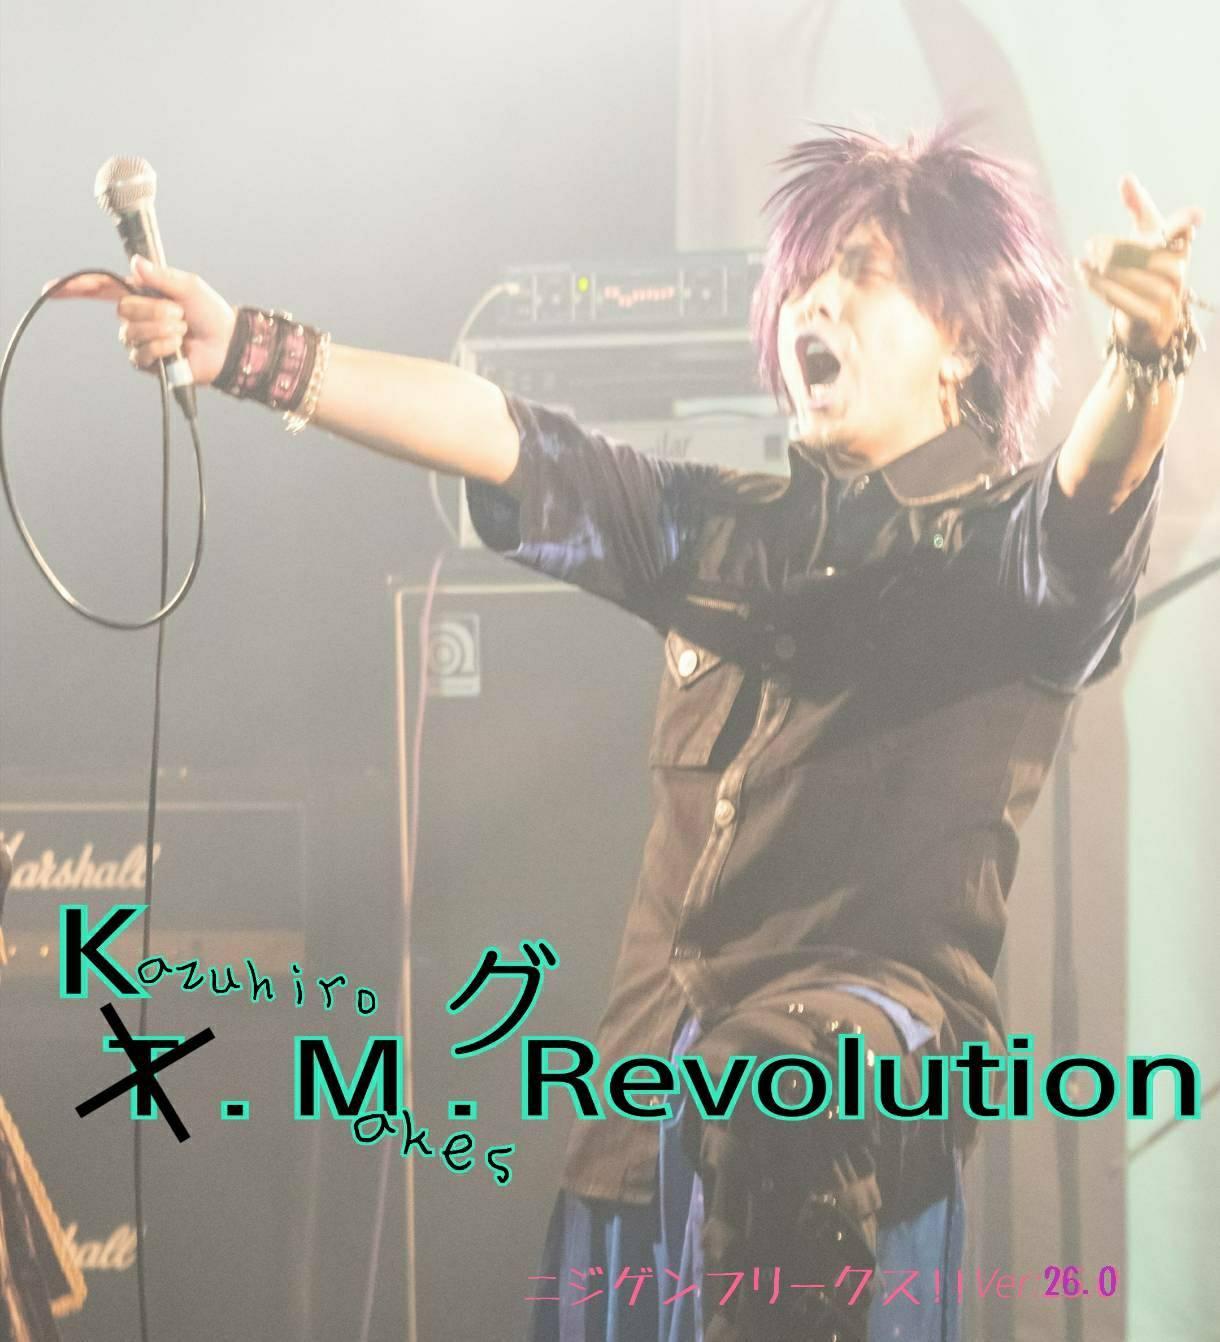 kazuhiro Makes グrevolution